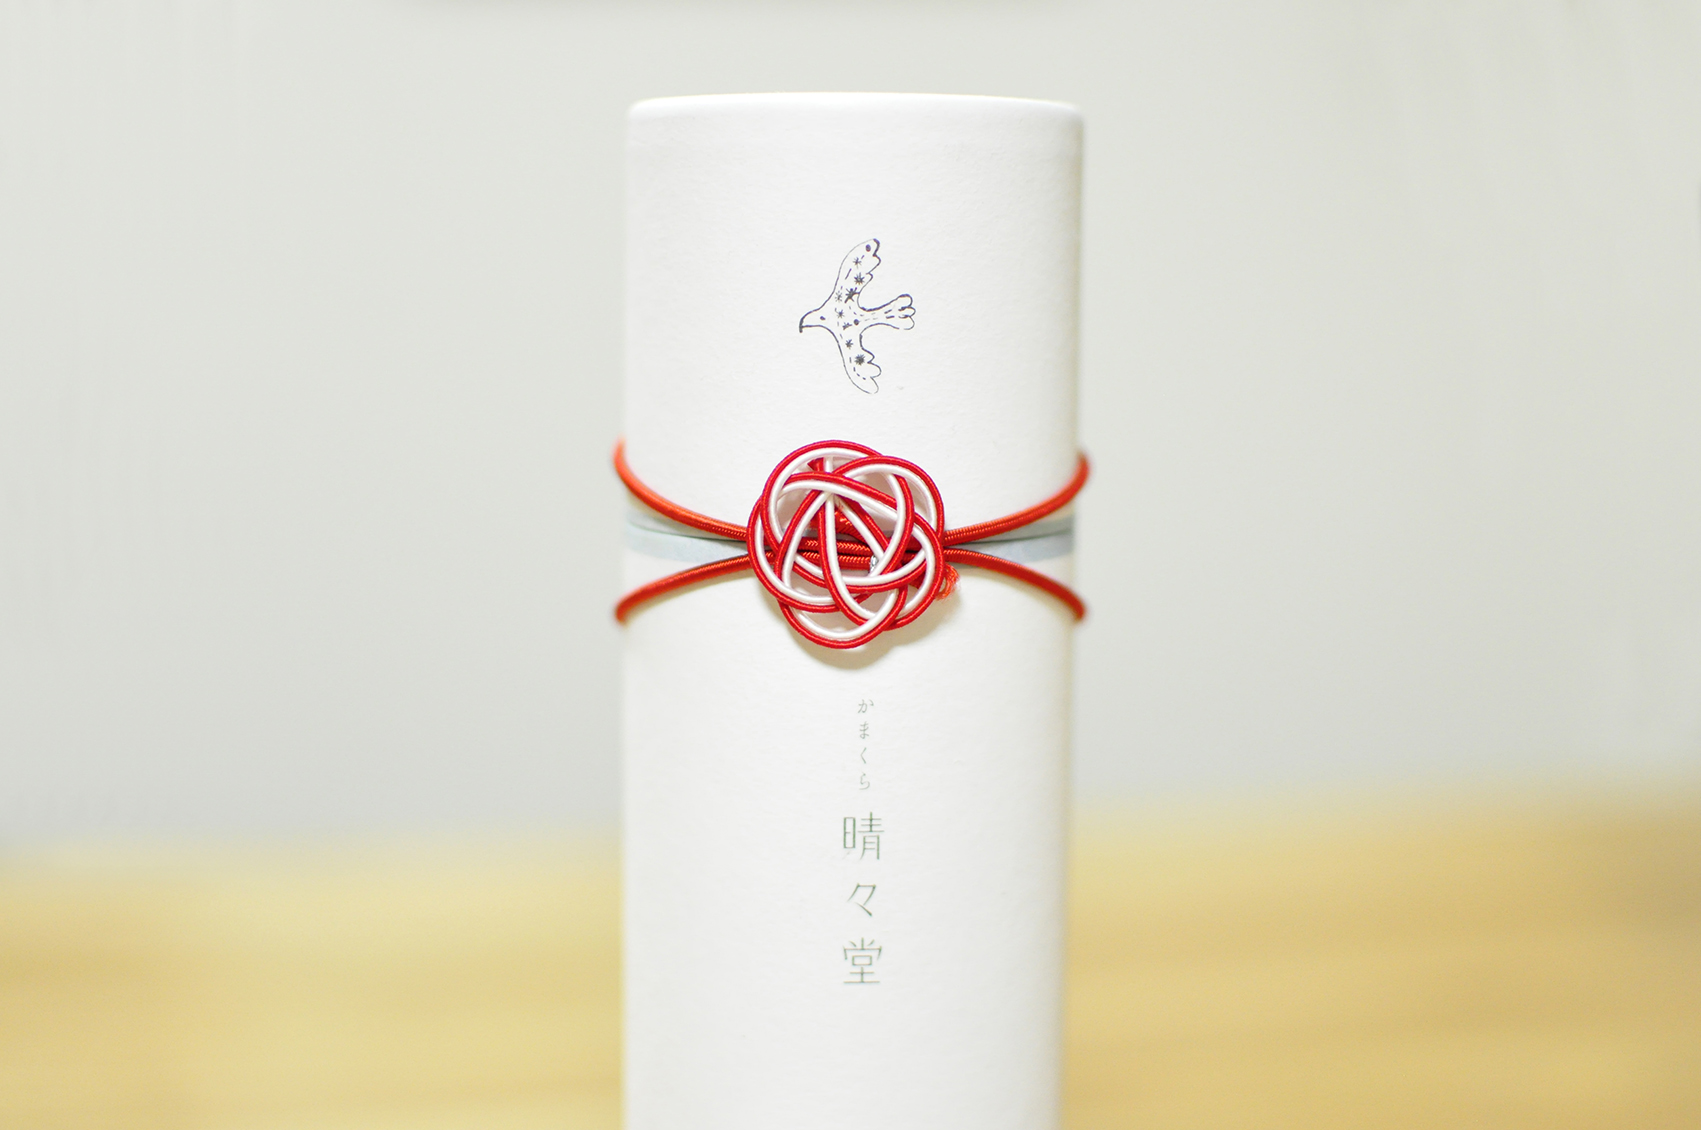 鎌倉で見つけた「手土産にちょうどいい」晴々堂さんの和漢茶